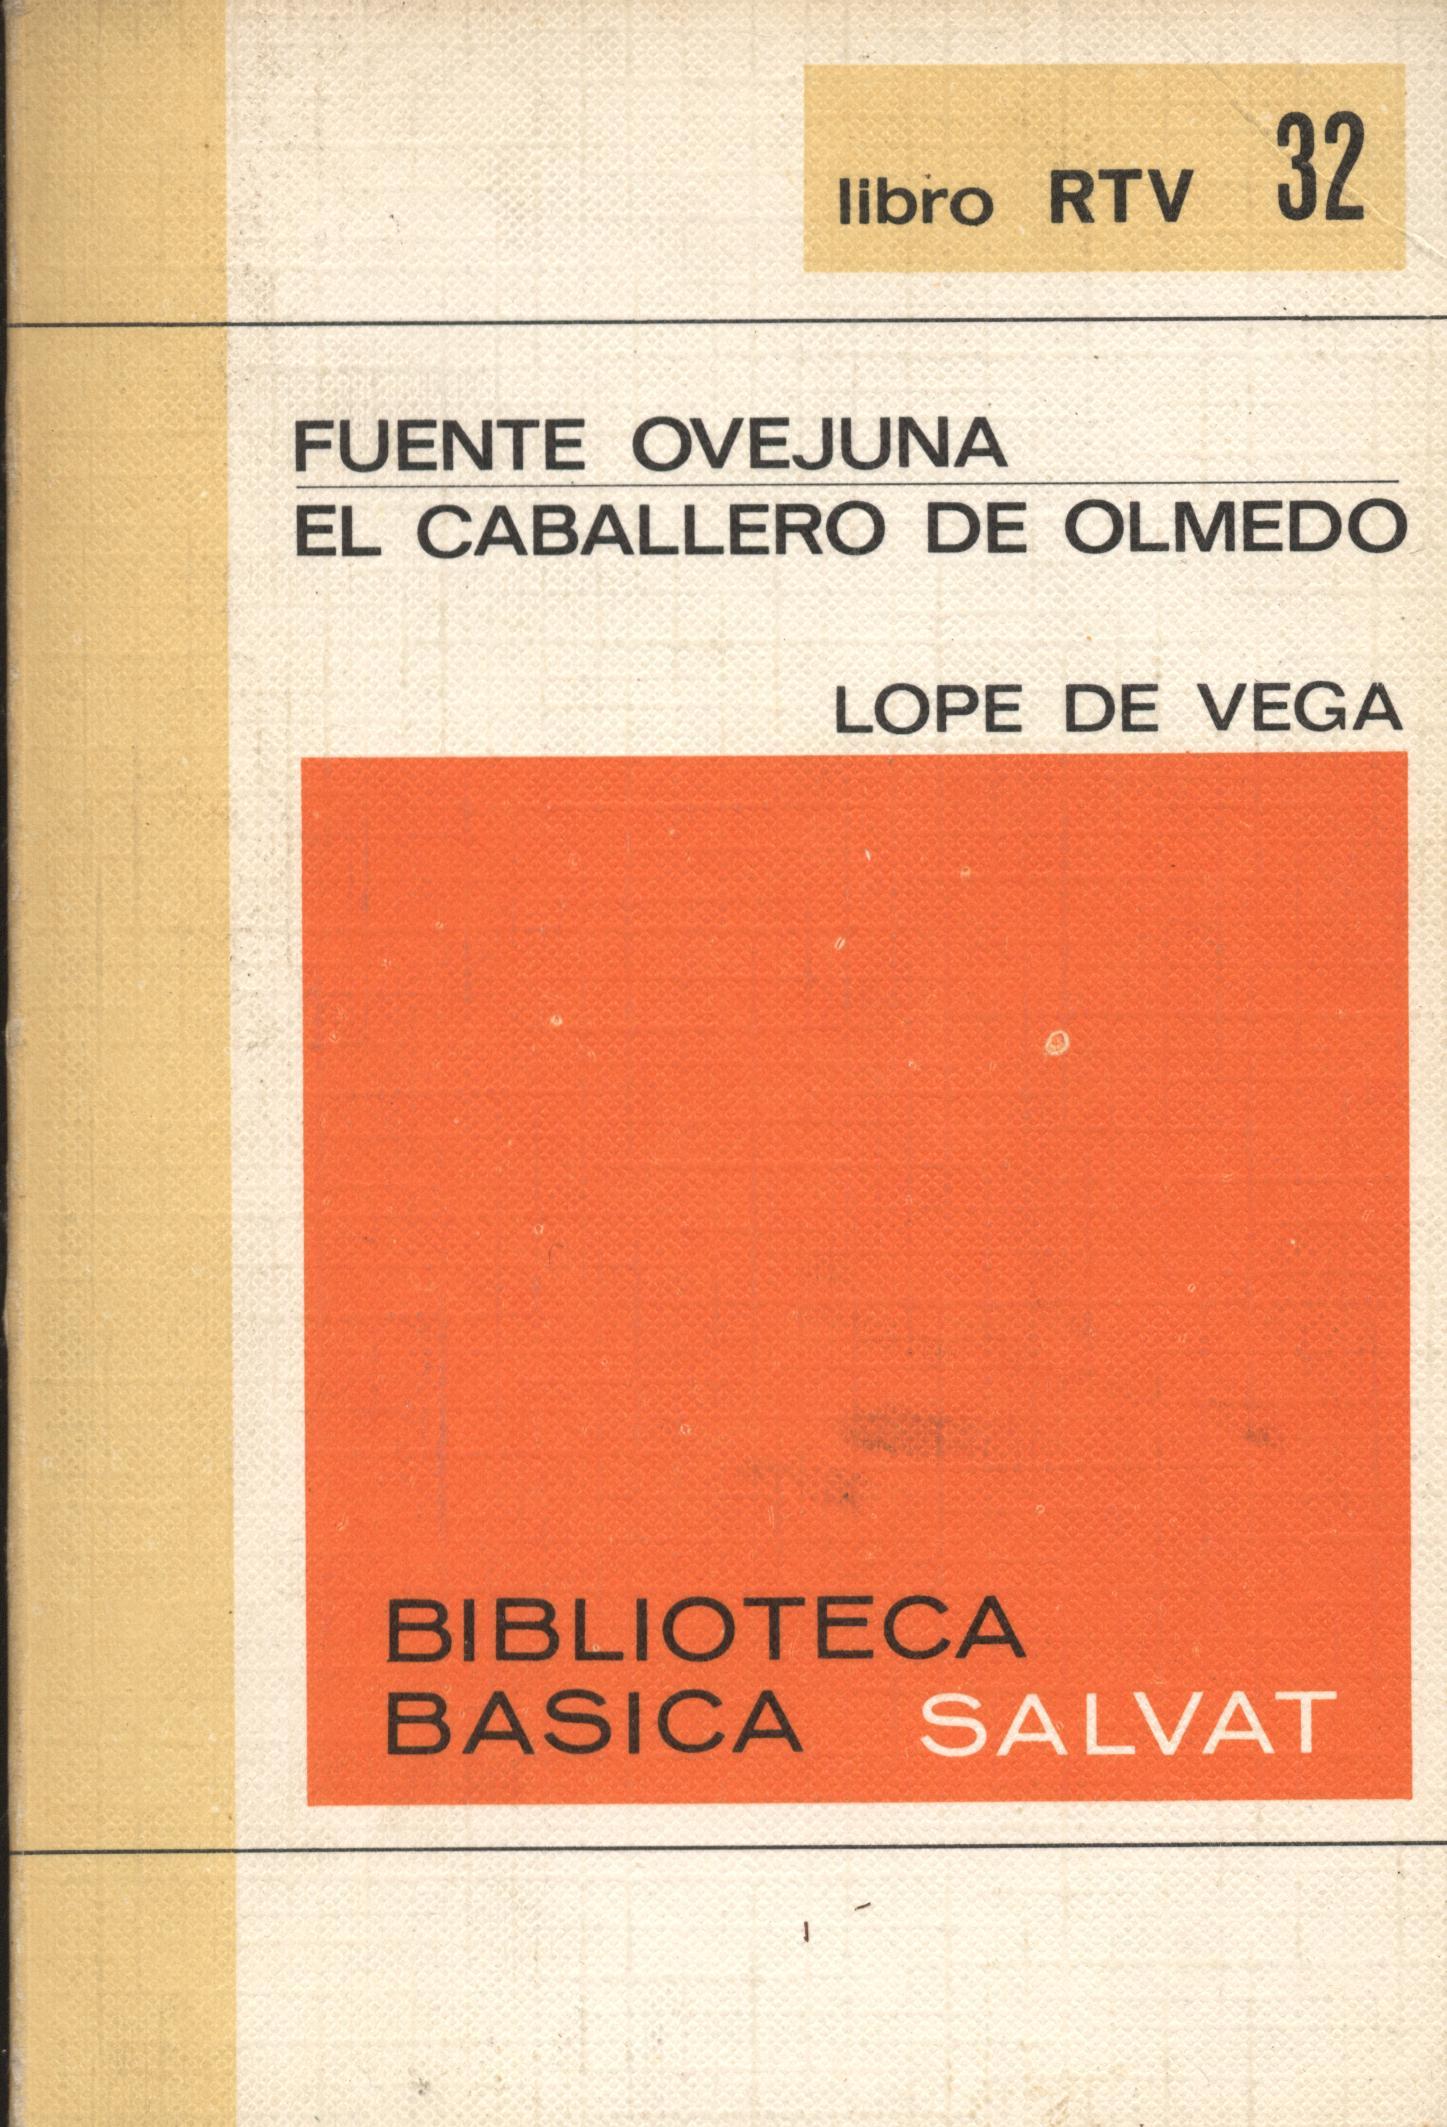 Venta online de libros de ocasión como Fuente Ovejuna y El caballero de Olmedo - Lope de Vega en bratac.cat